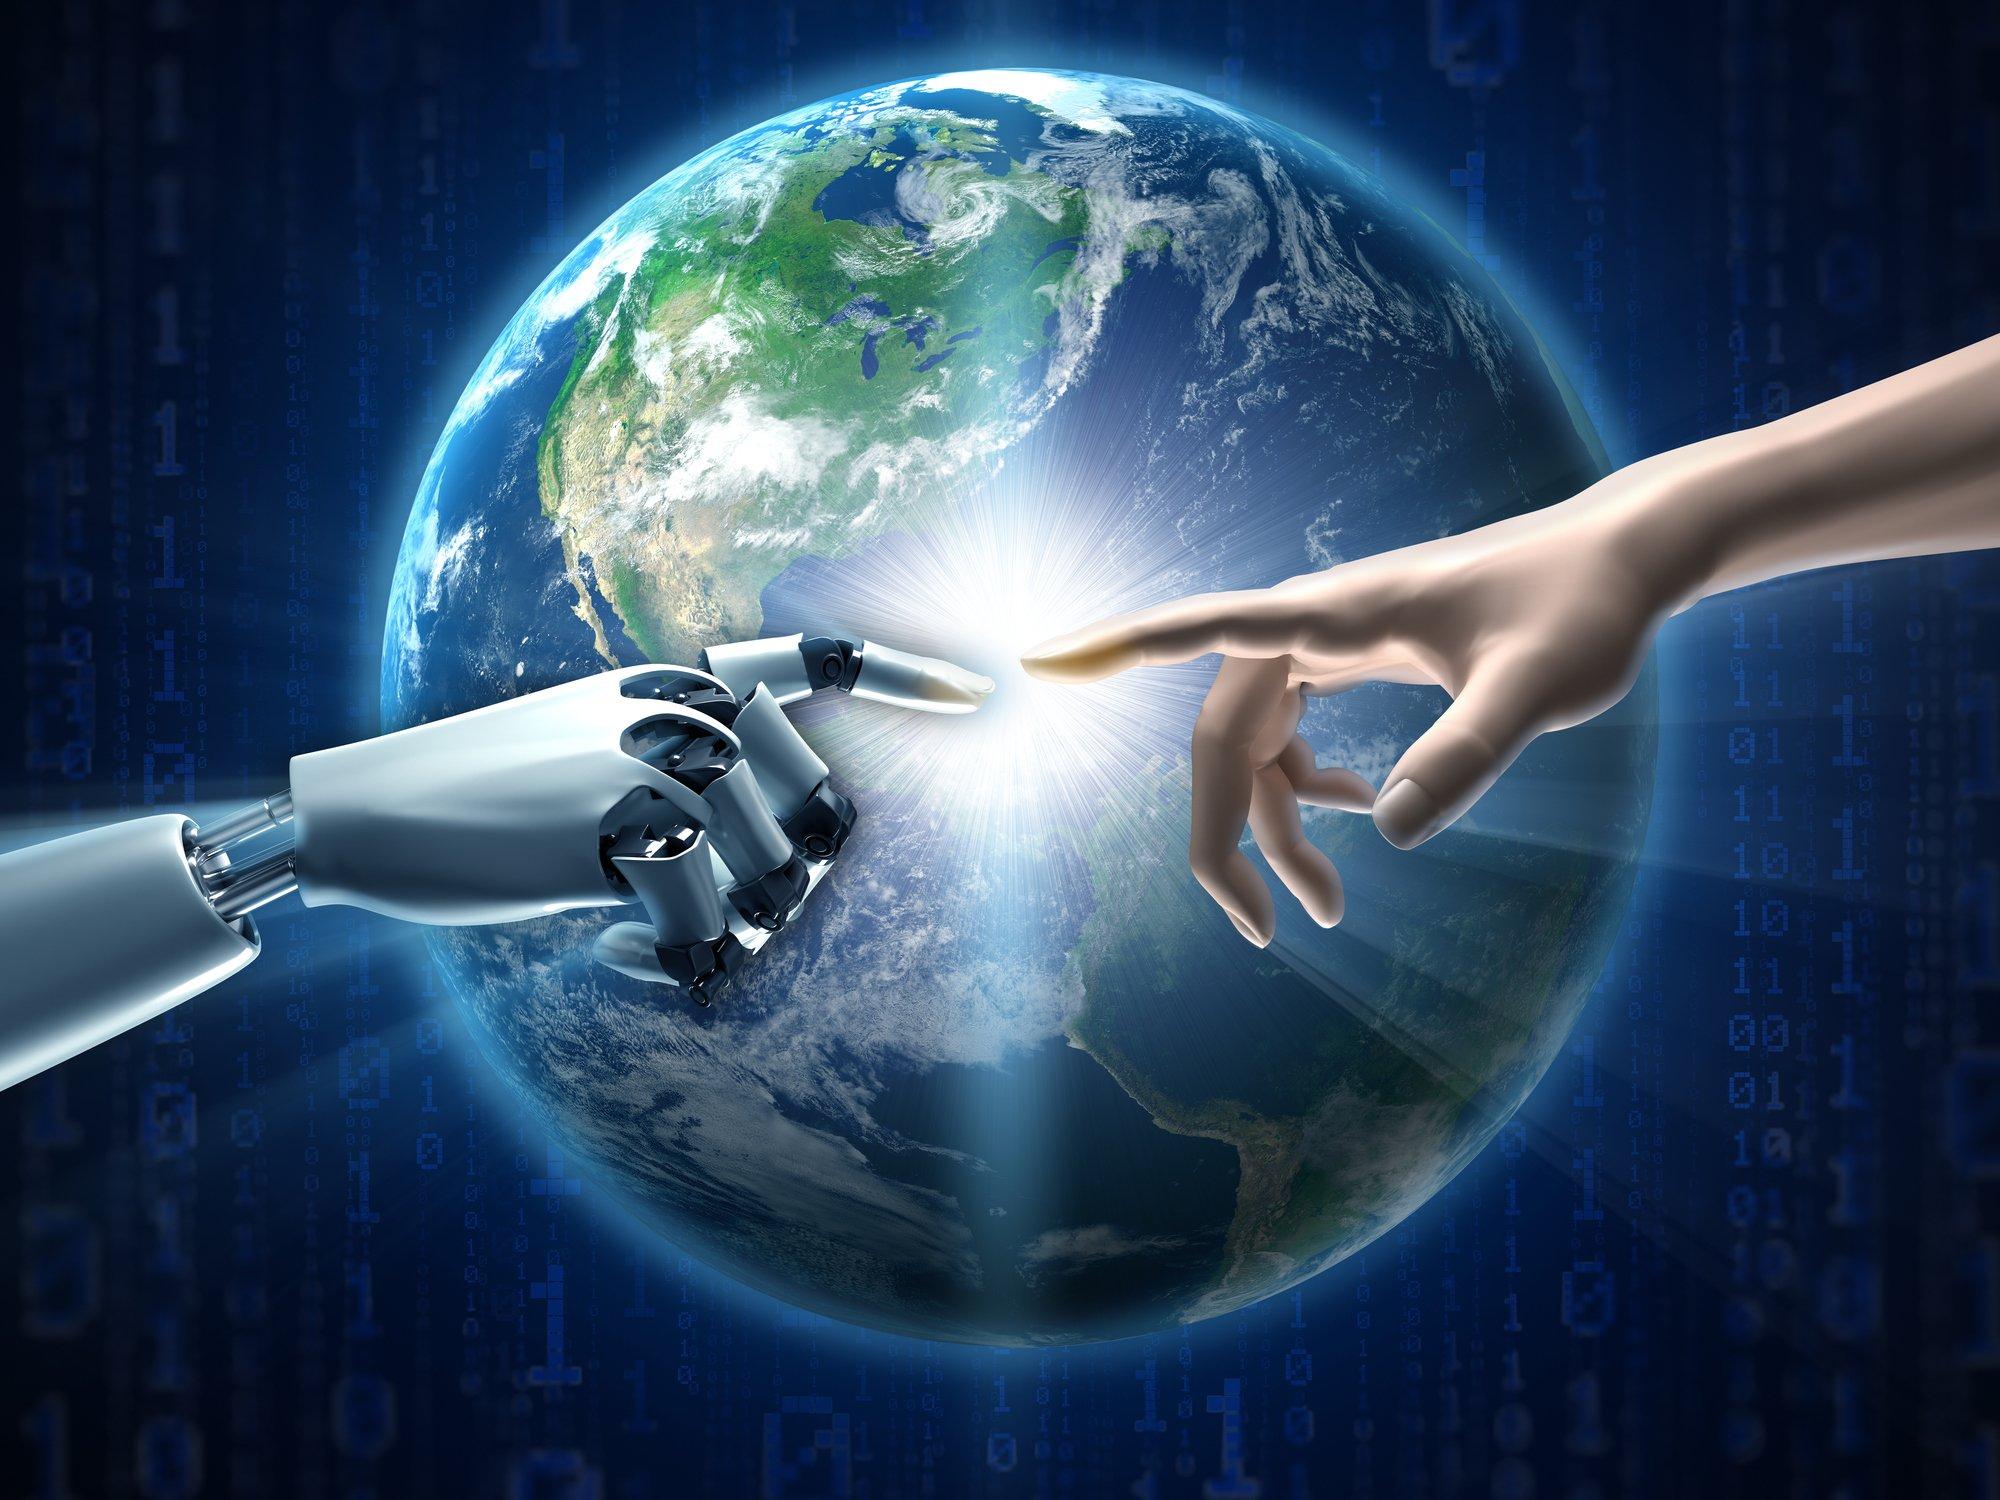 world-robot-human-hand-touch